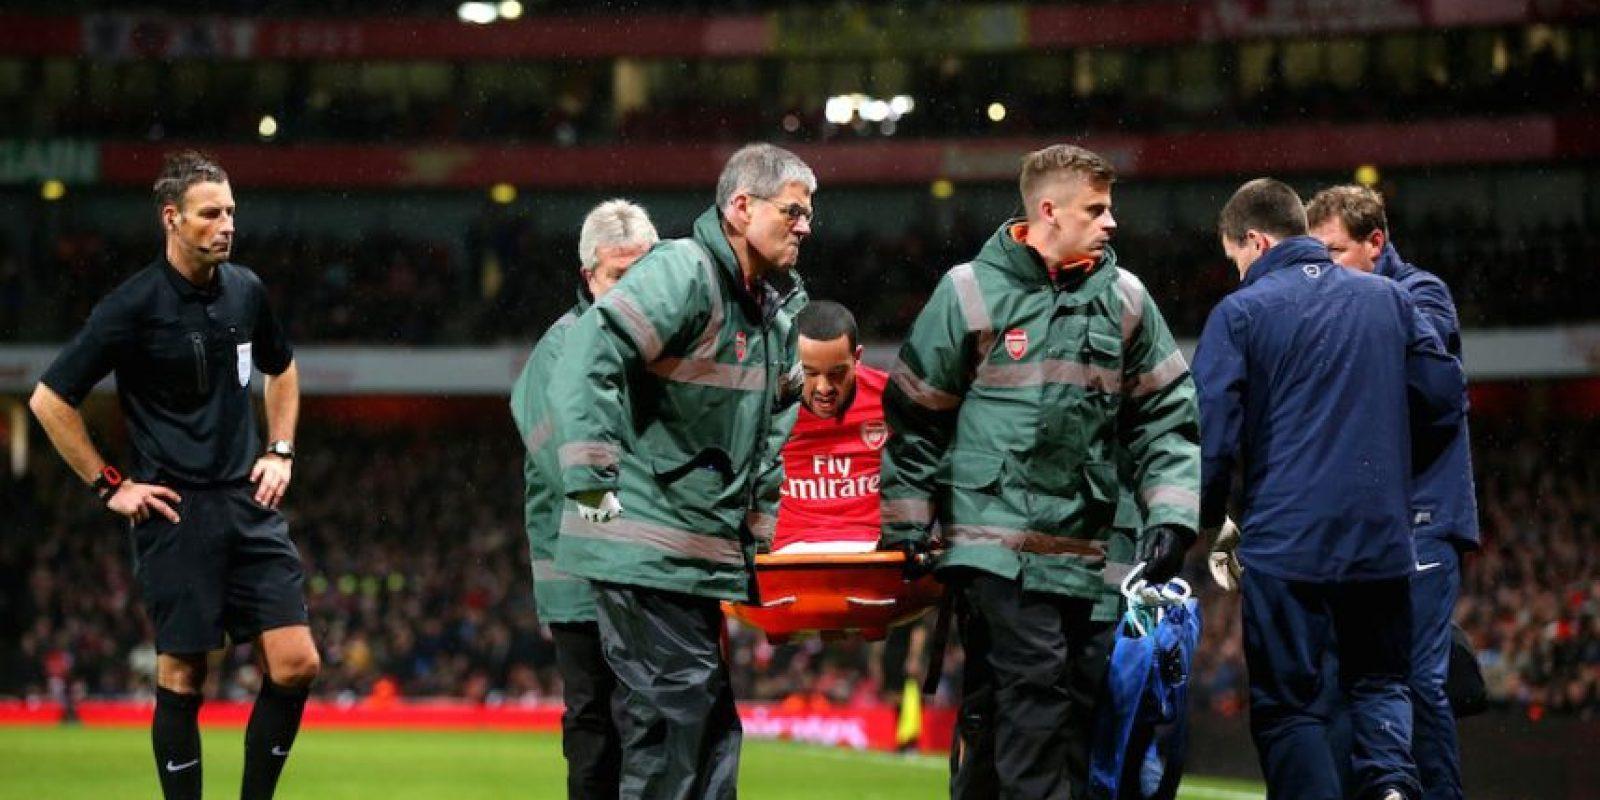 El delantero del Arsenal sufrió una rotura de ligamentos de la rodilla izquierda y se perdió el Mundial. Foto:Getty Images